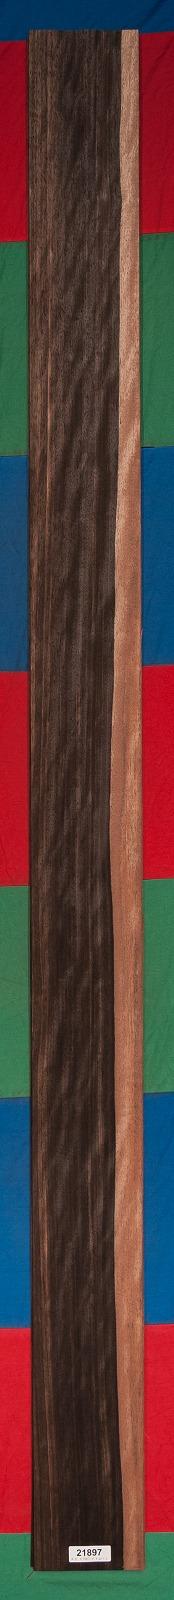 AAA Figured Ebony (Macassar) Veneer Sheet